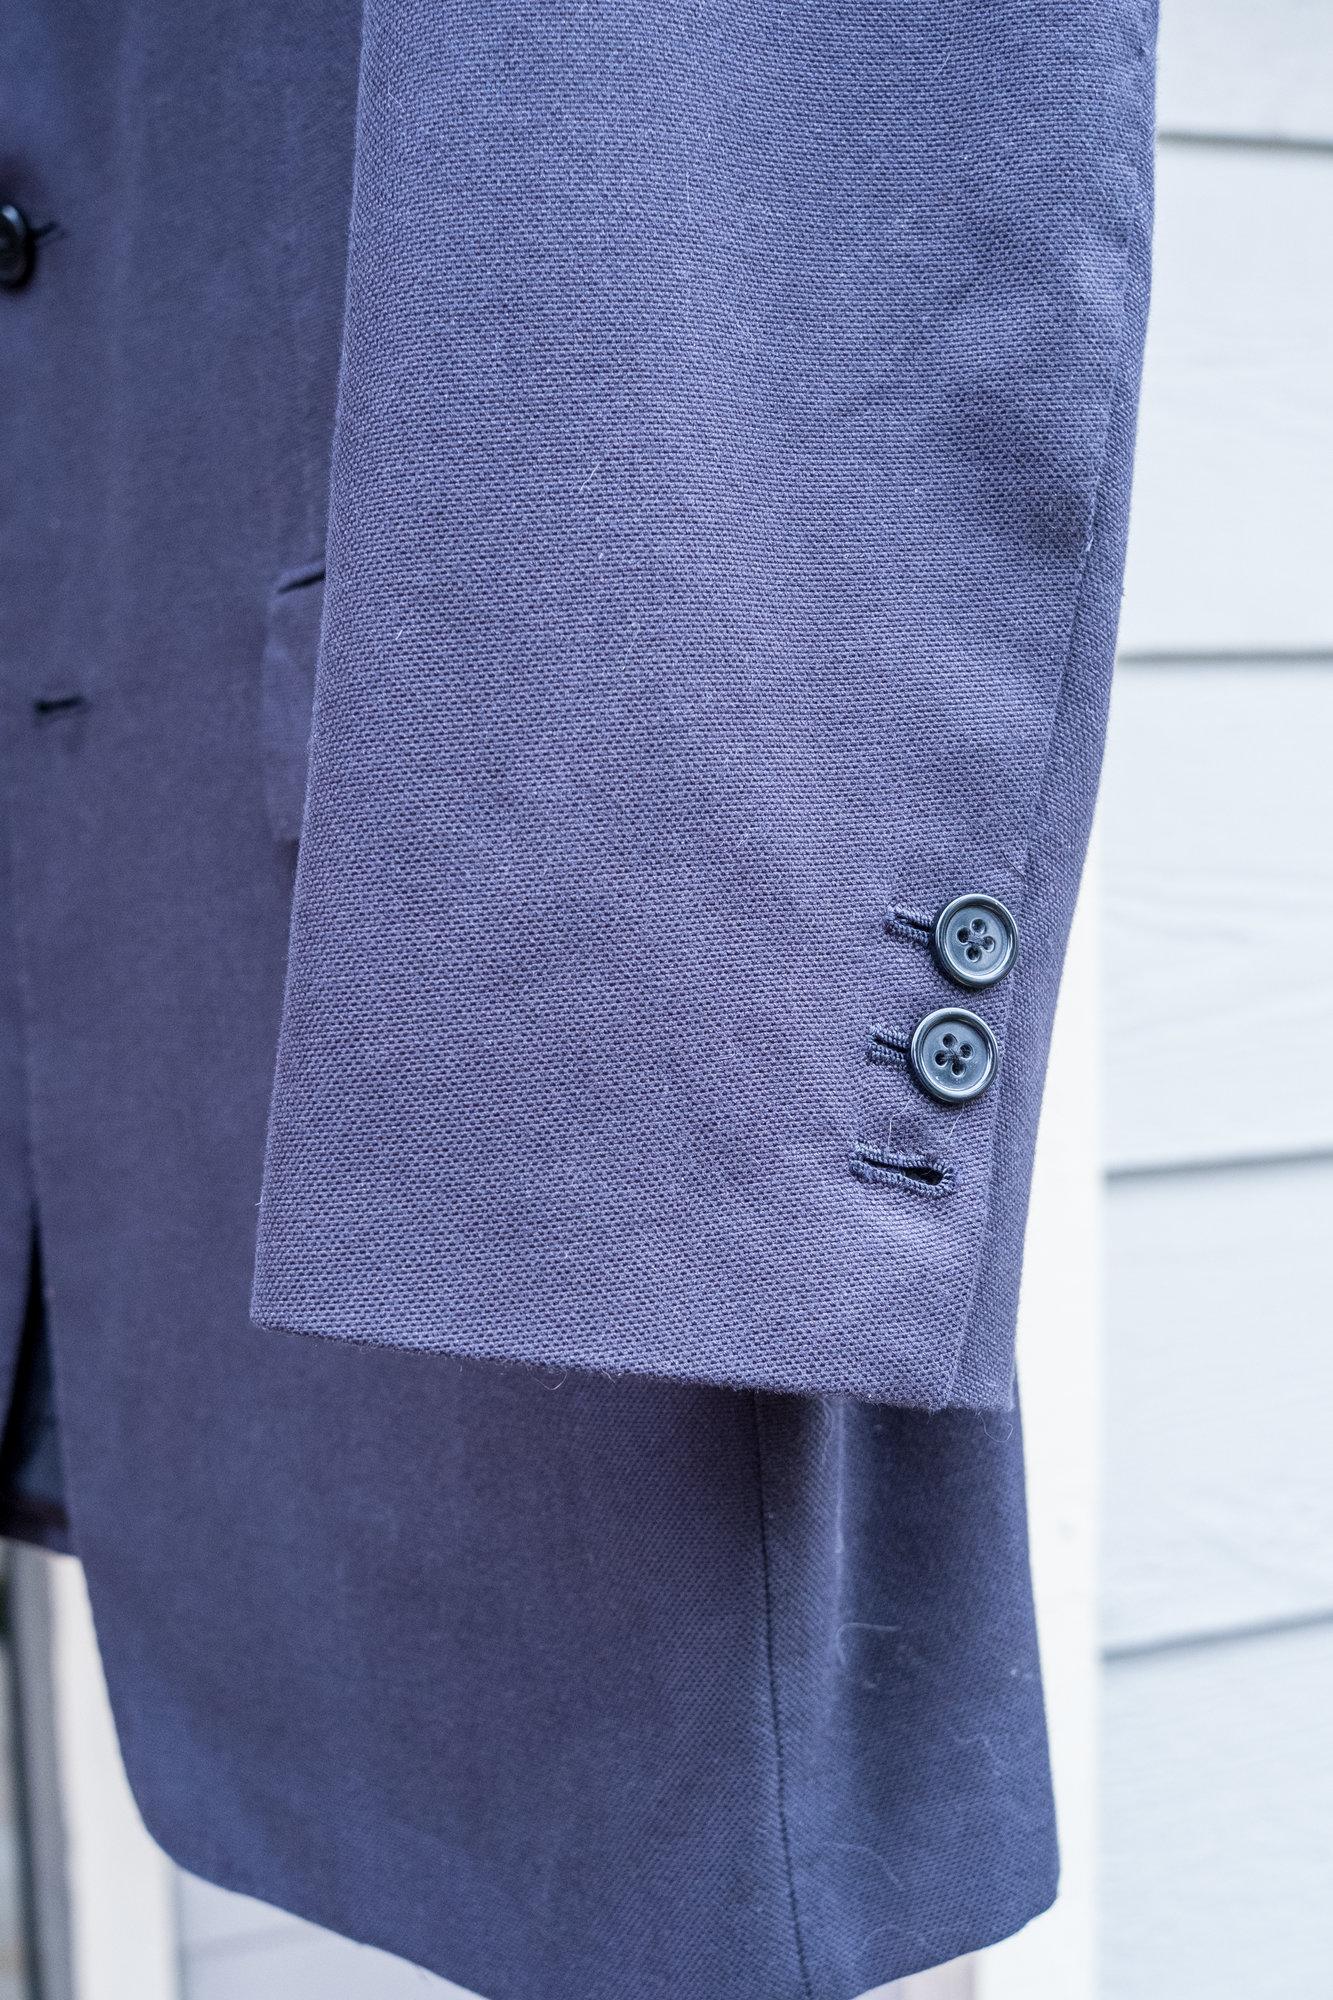 Kiton Cotton Blue Blazer in 54R (42R US size)-14.jpg